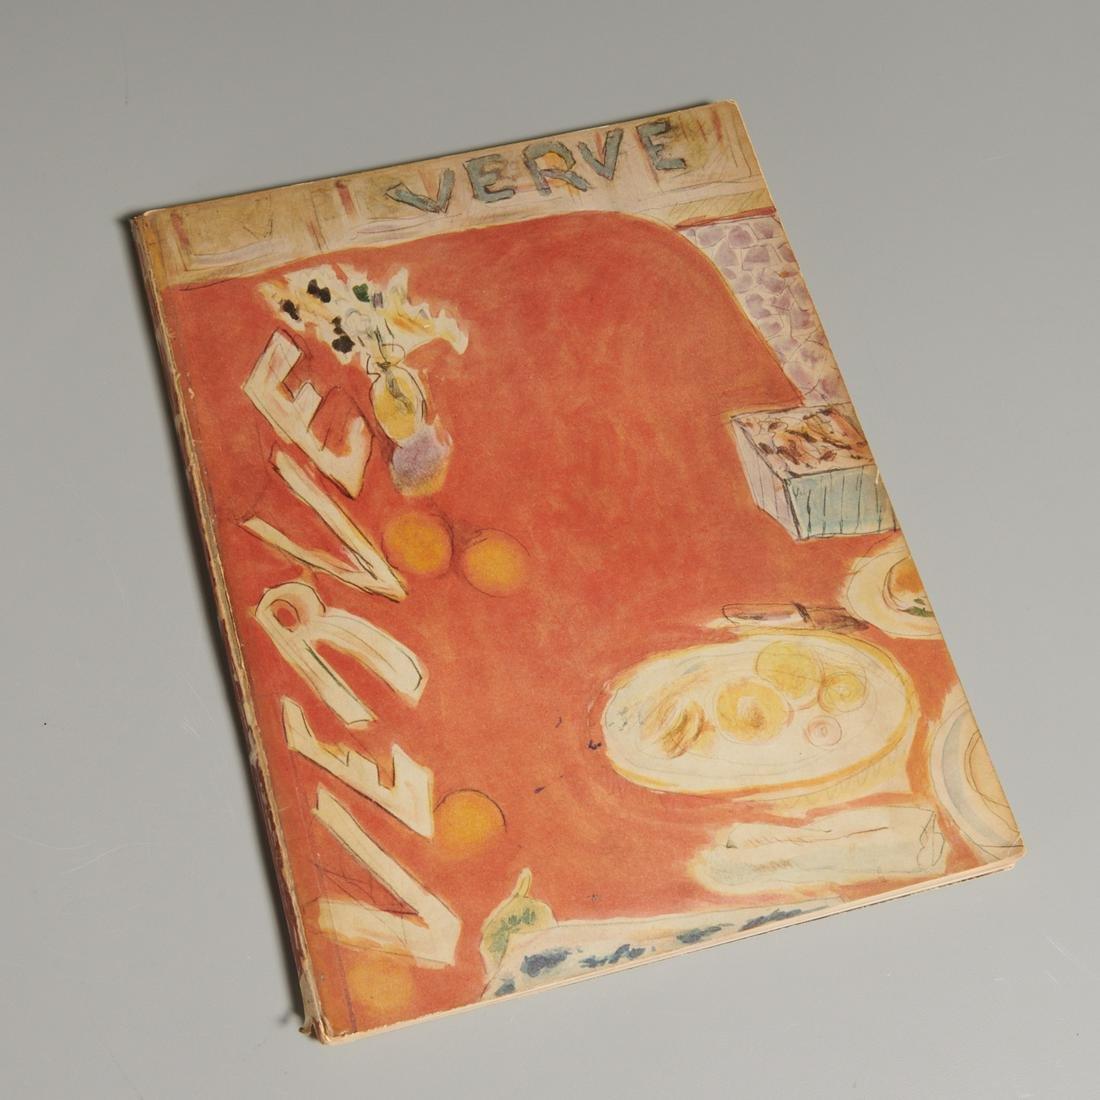 Verve Magazine No. 3, 1938 with lithographs